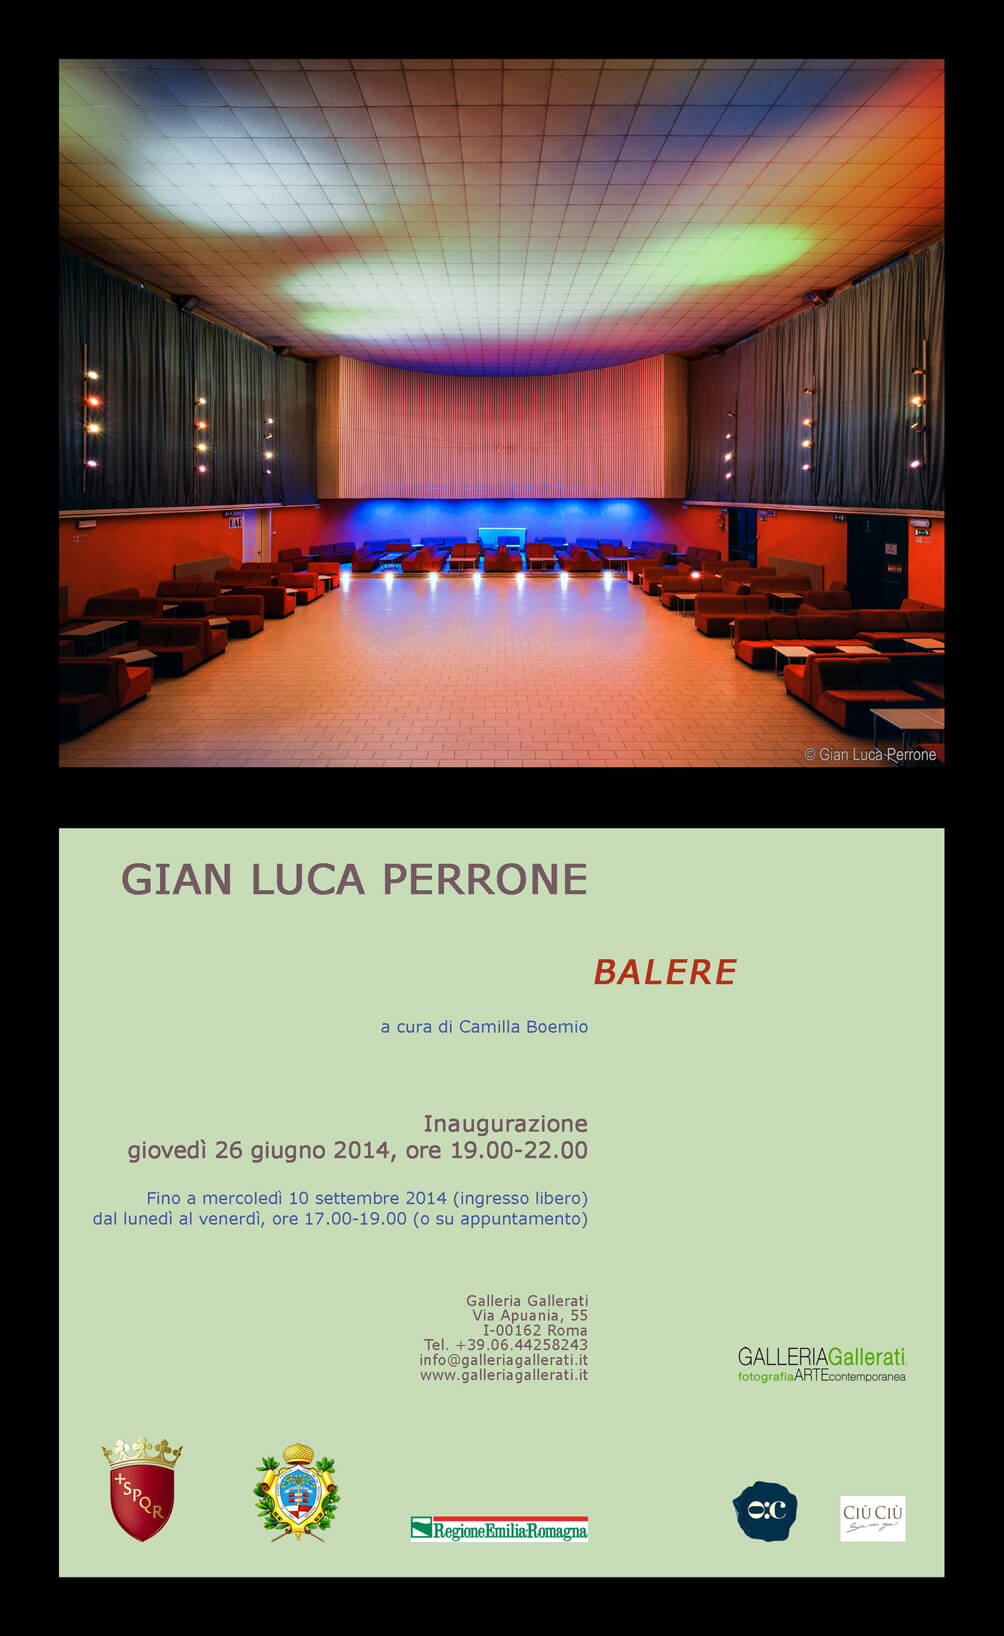 Le Balere di Gian Luca Perrone alla Galleria Gallerati di Roma